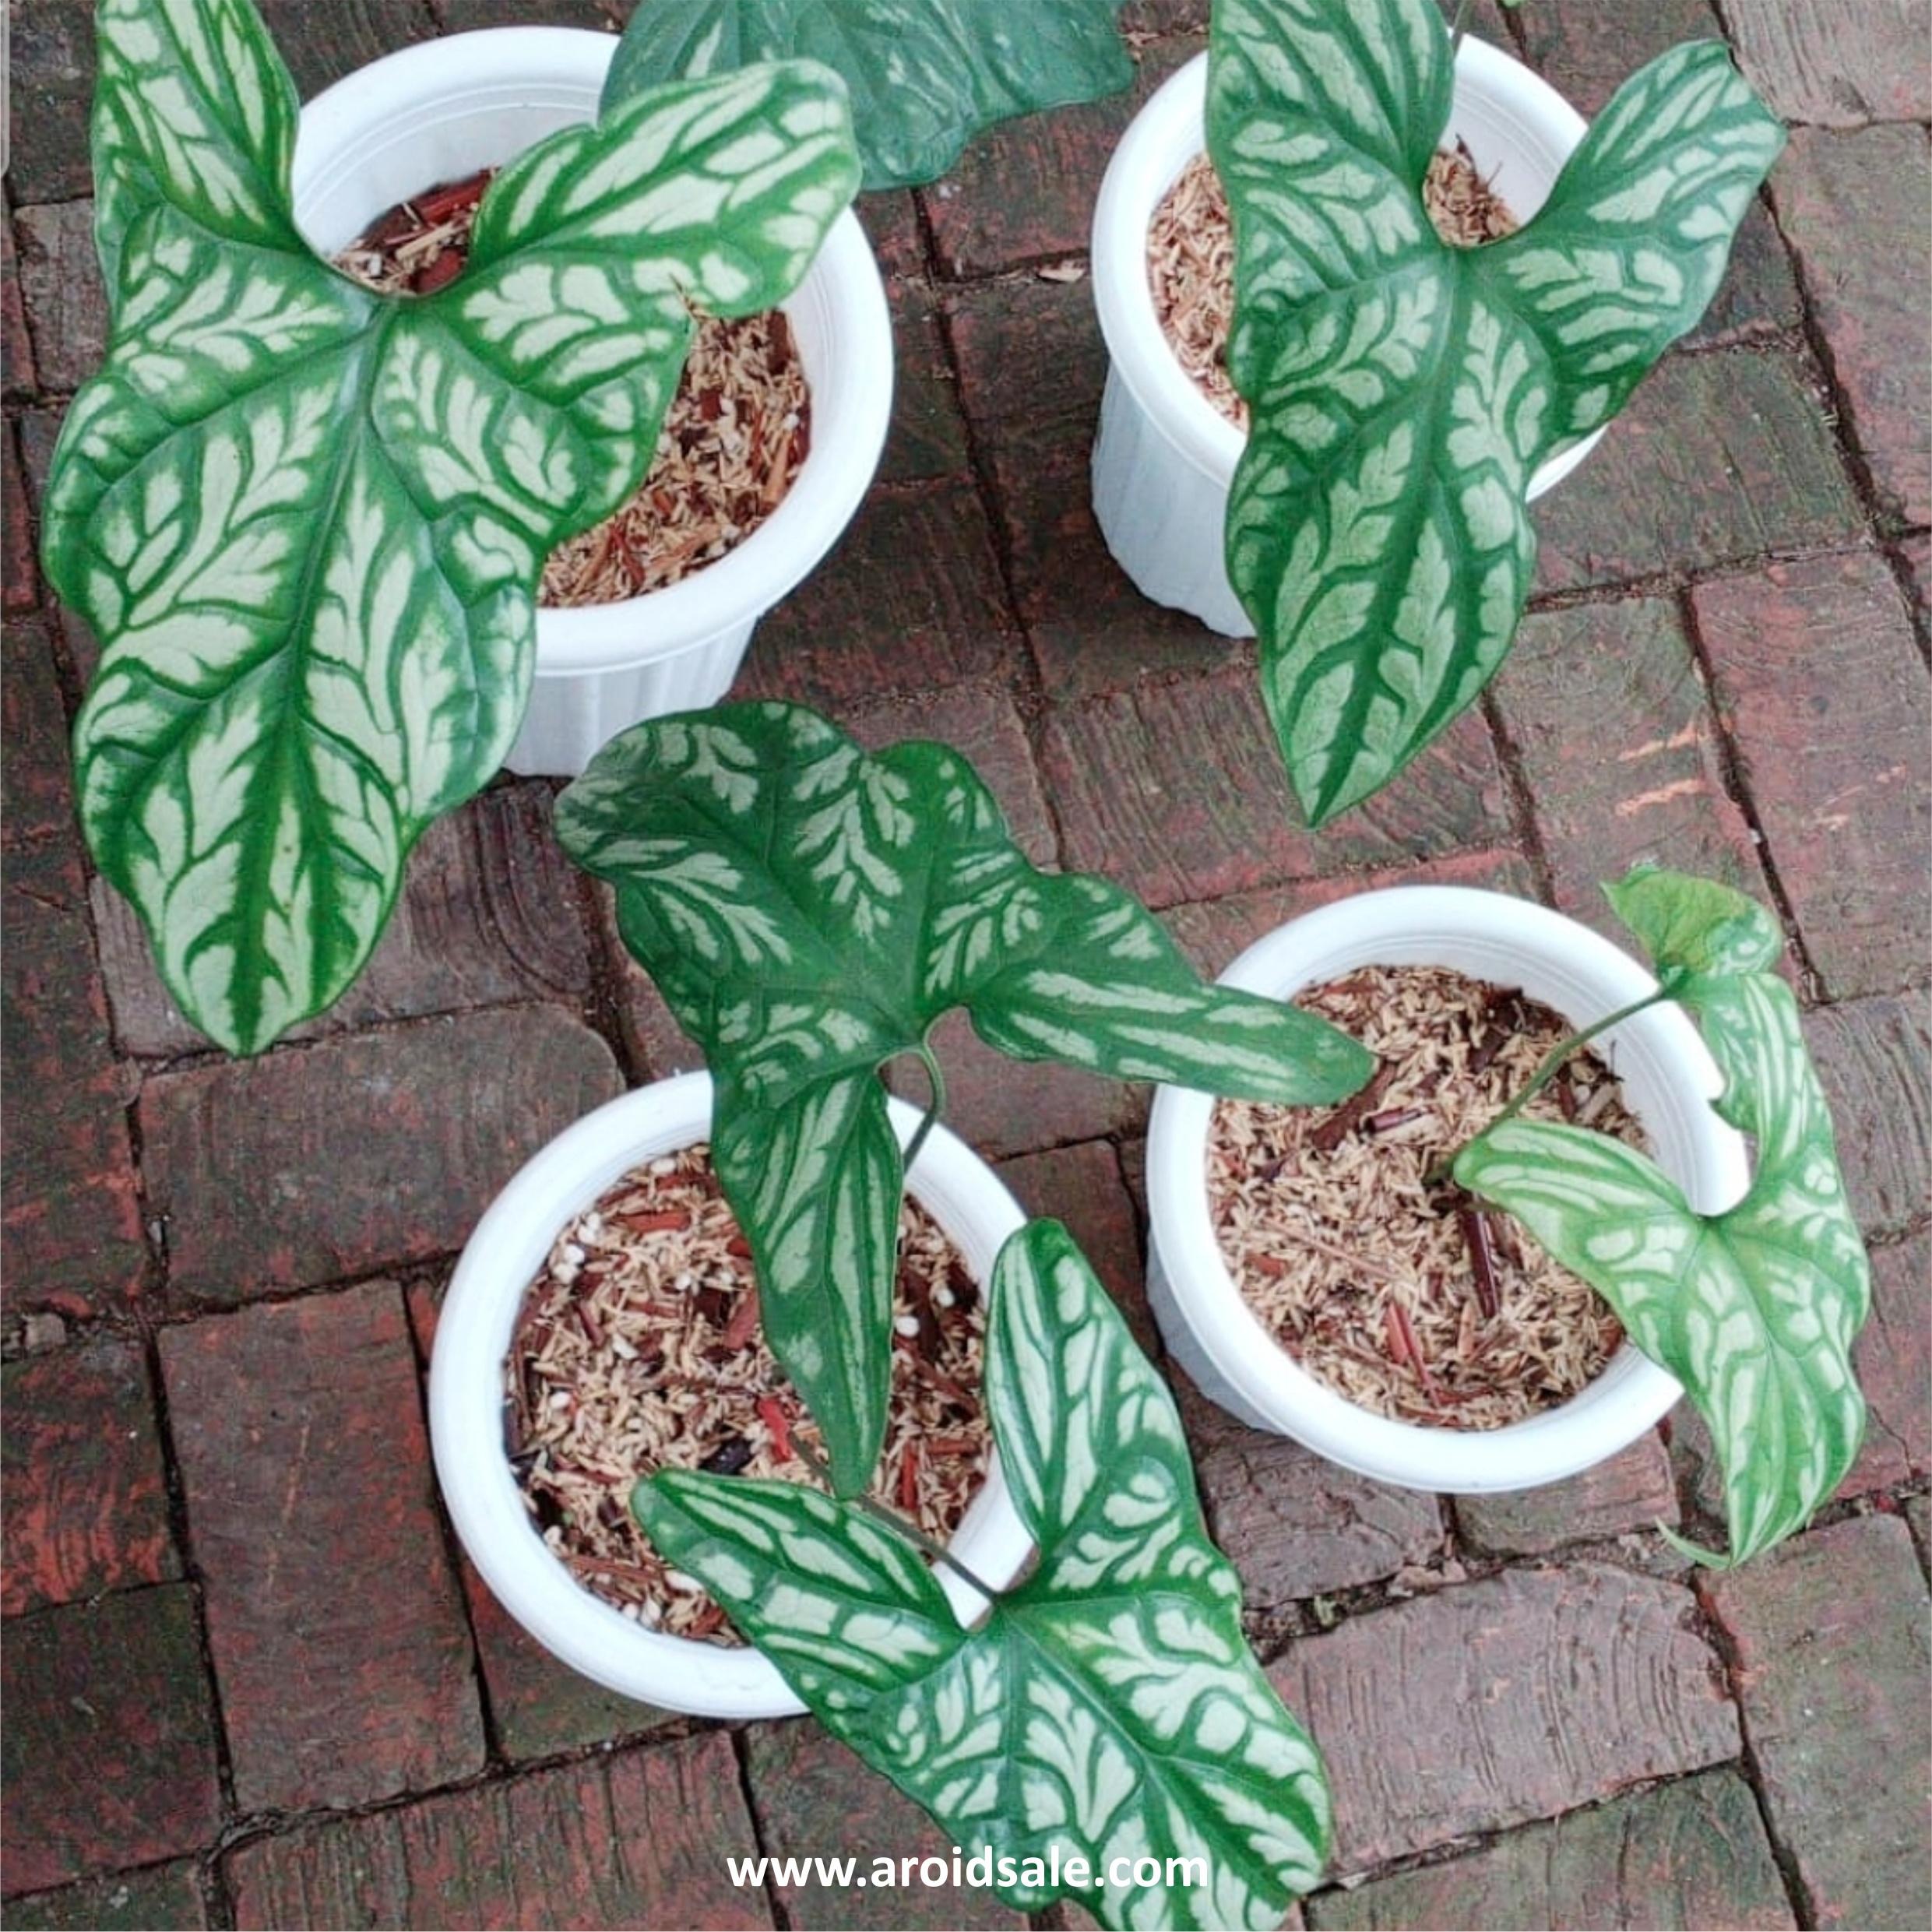 cercestis mirabilis, plants seller, plants shop, plants store, for sale, wholesale, plants supplier